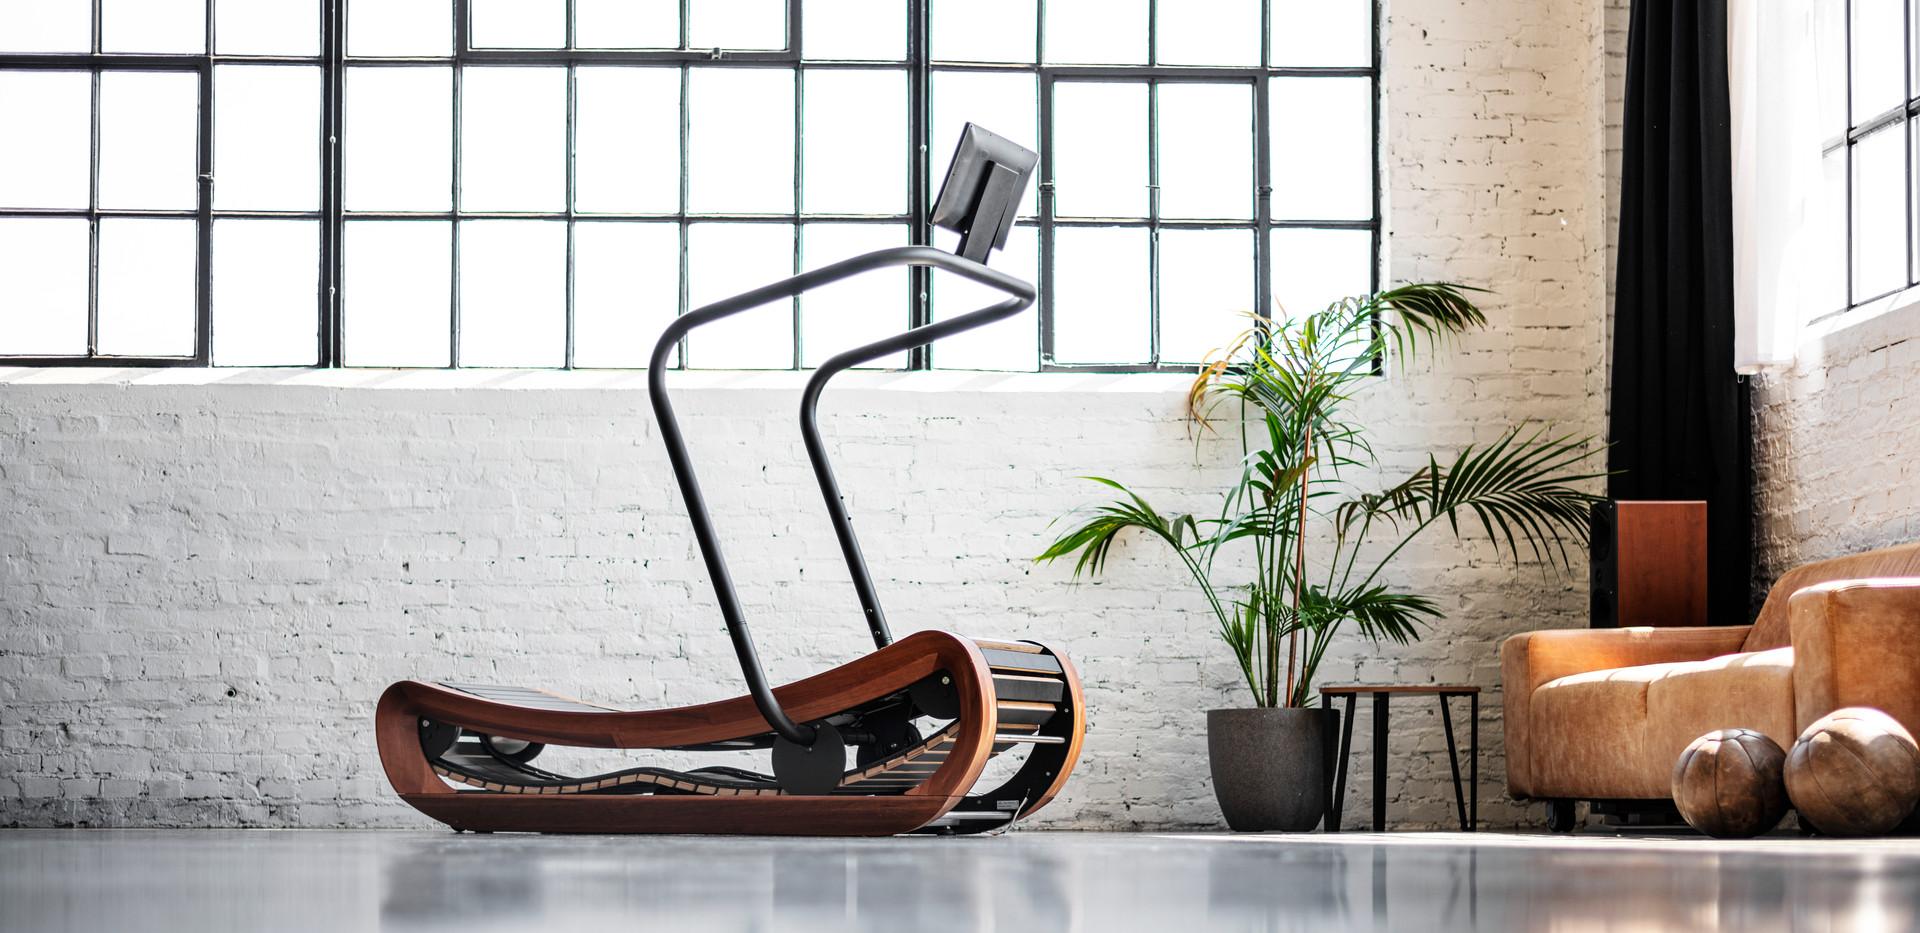 Where design meets wellness